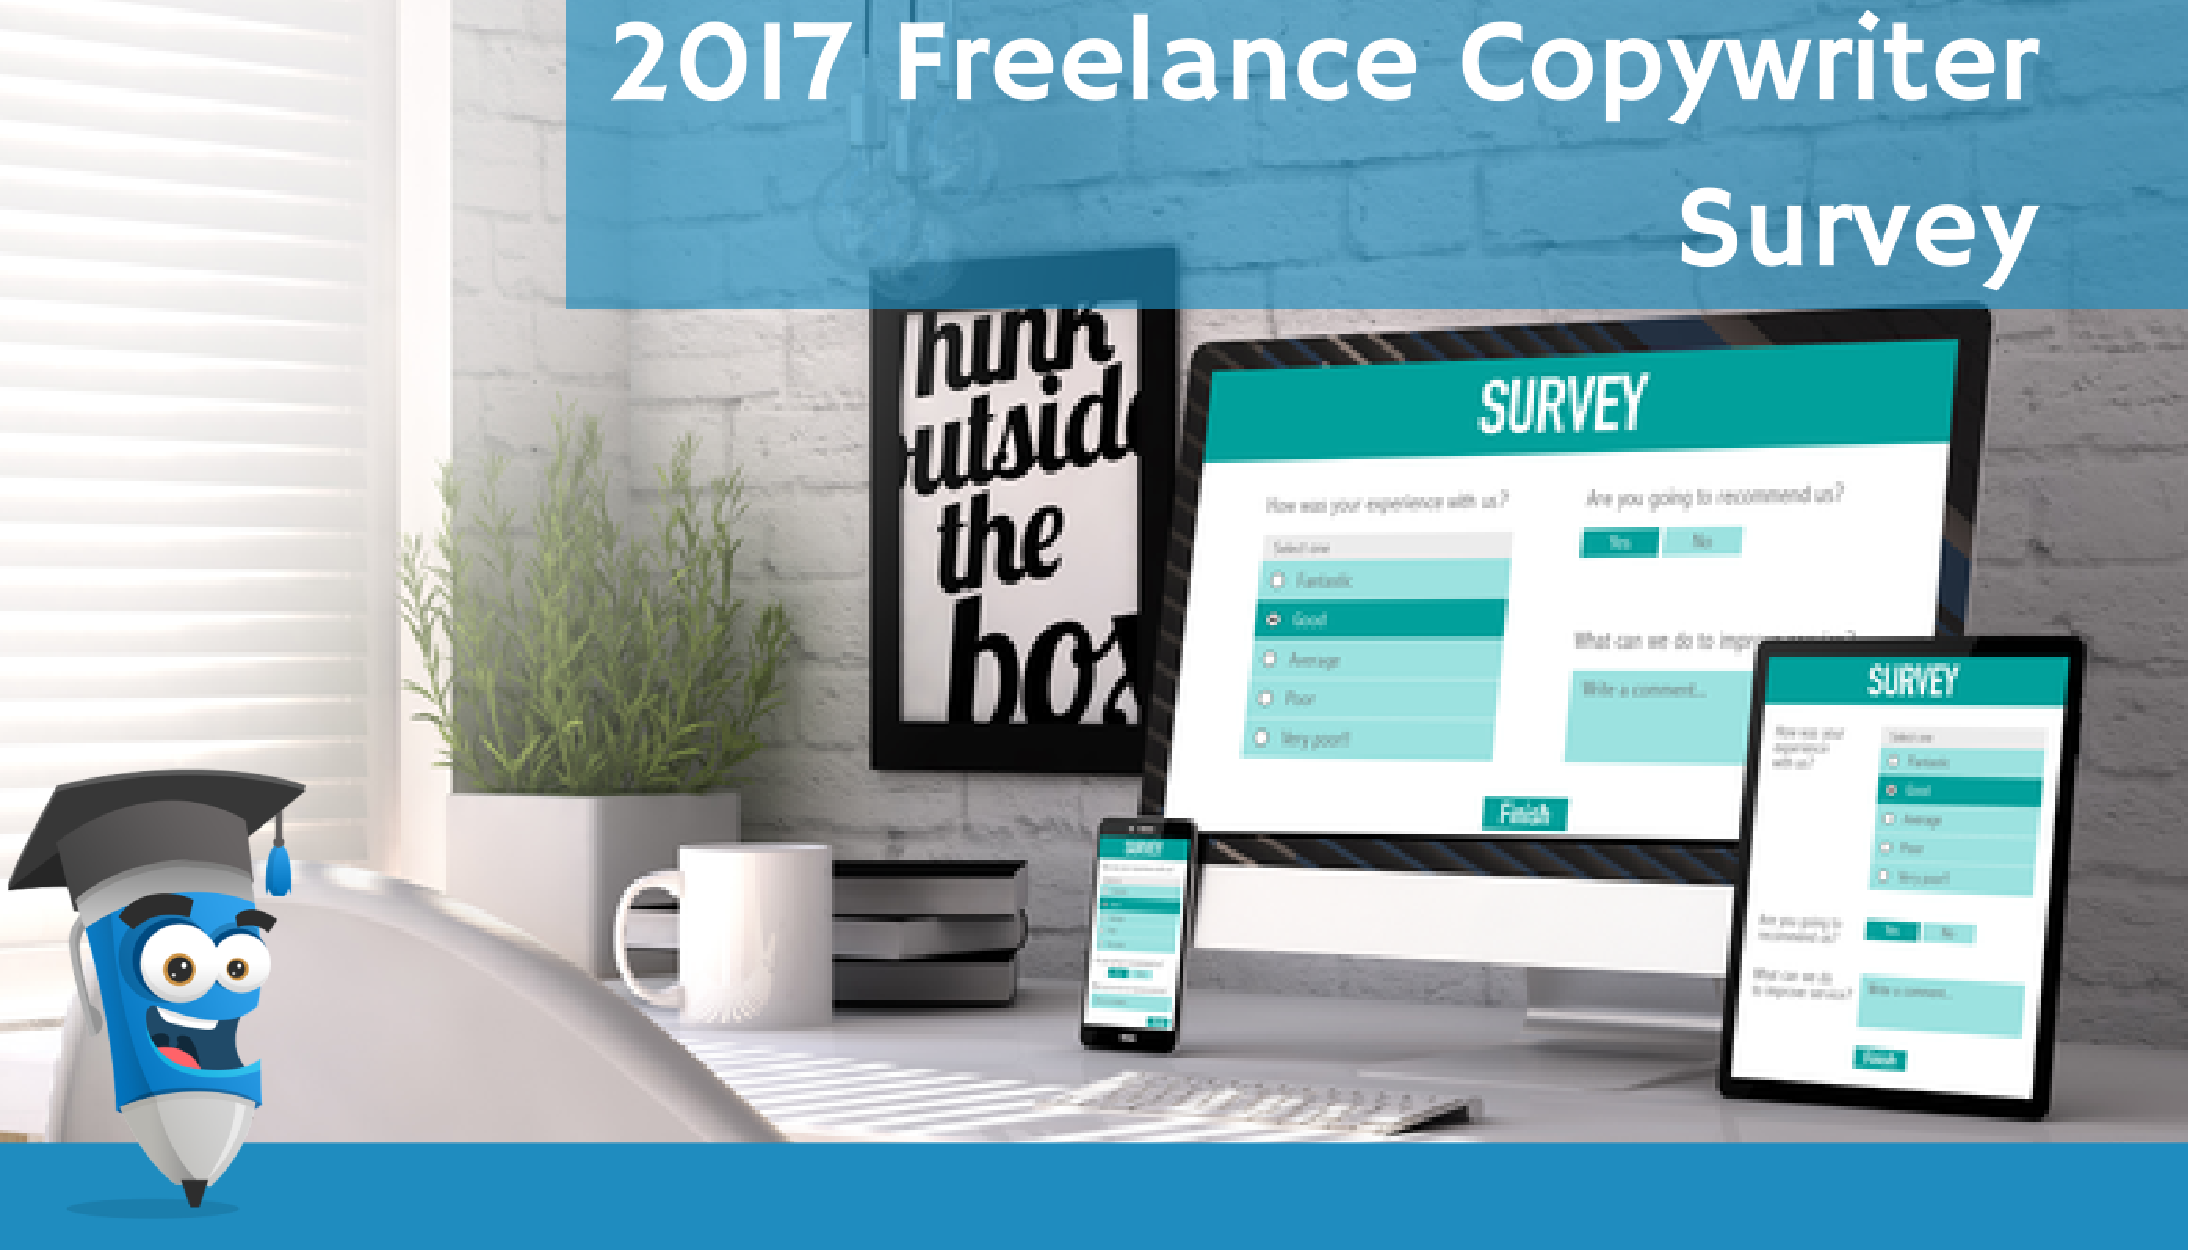 2017 Freelance Copywriting Survey